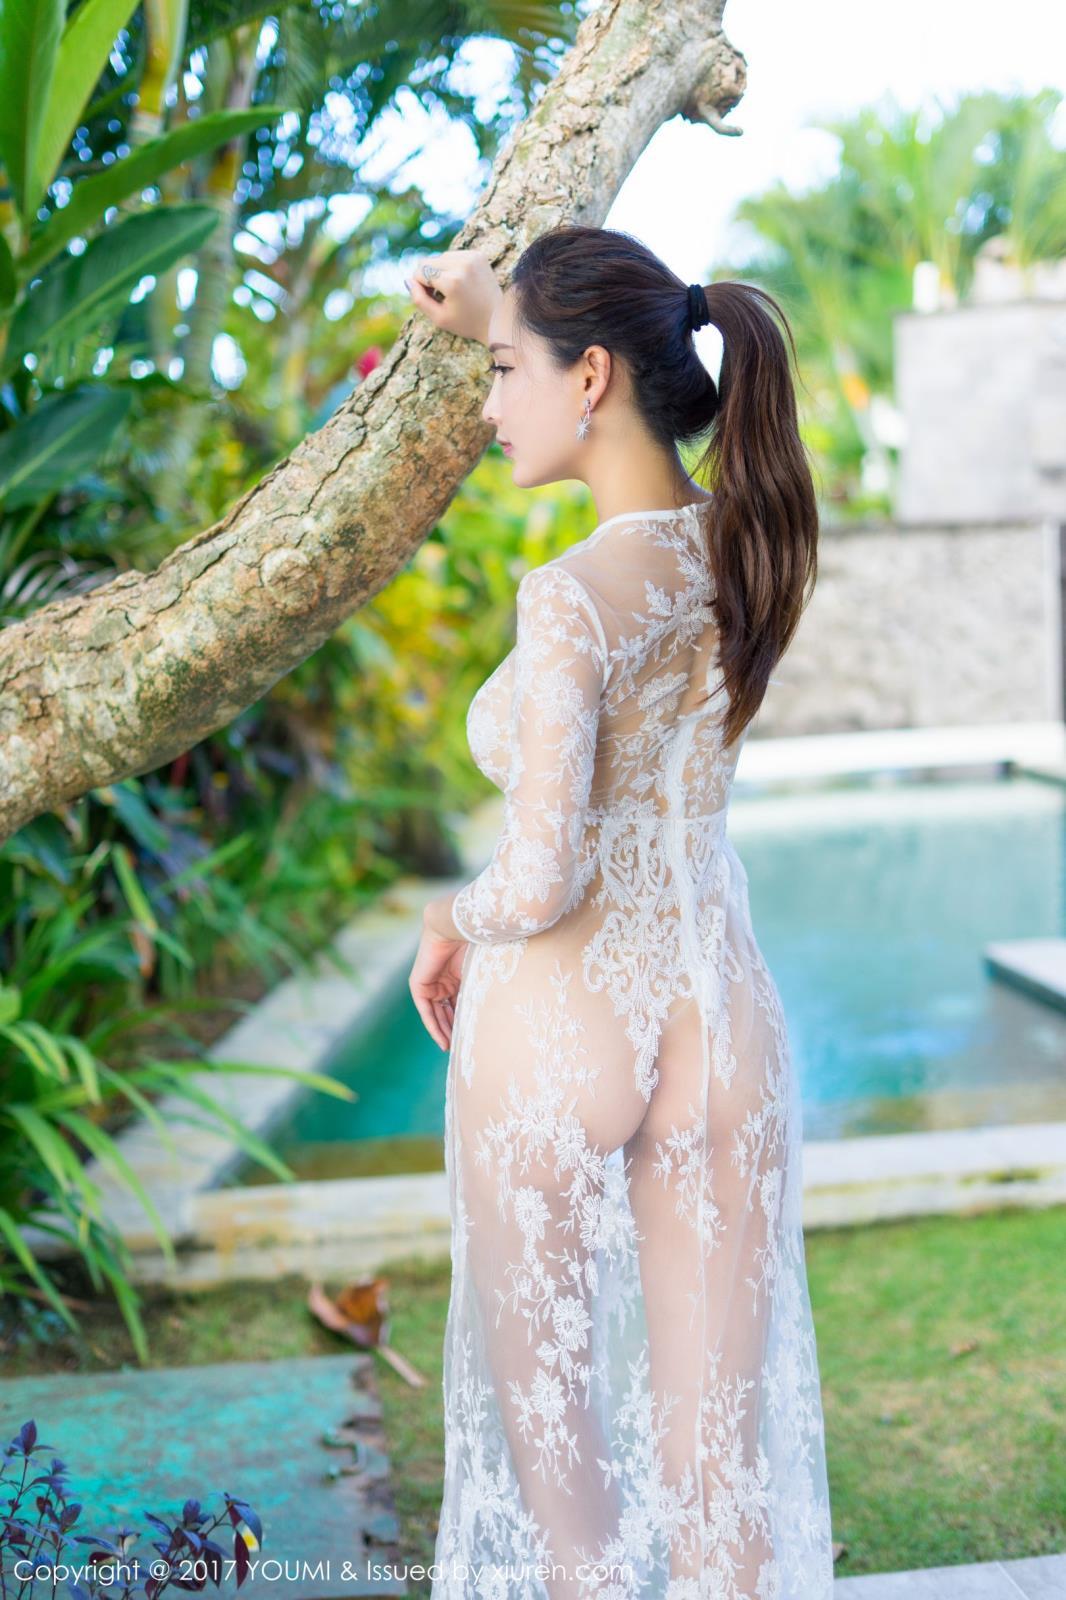 [YOUMI尤蜜荟] 宅男女神土肥圆矮挫穷巴厘岛泳池人体艺术气质写真